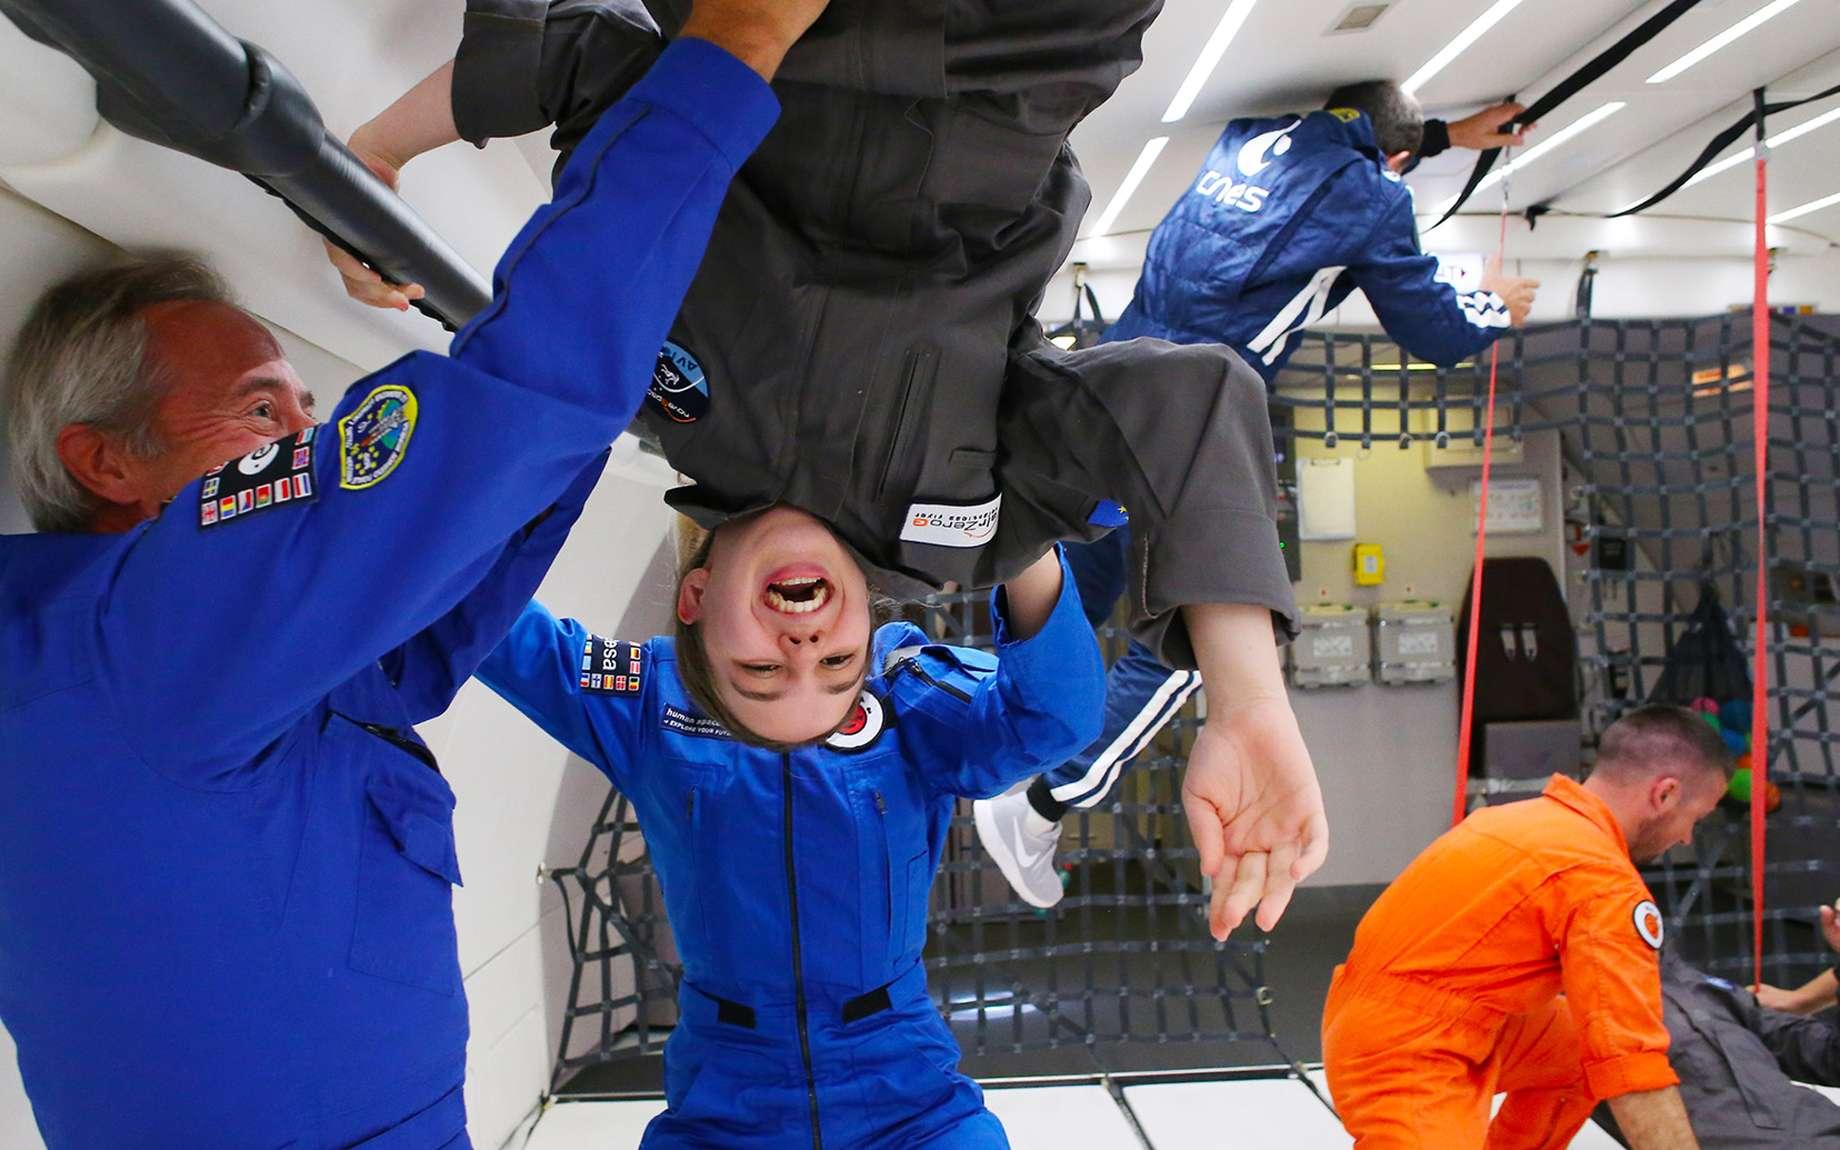 À bord de l'Airbus A310 Zero-G de Novespace, l'astronaute Jean-François Clervoy fait découvrir les joies de l'apesanteur à une enfant touchée par un handicap. © Novespace